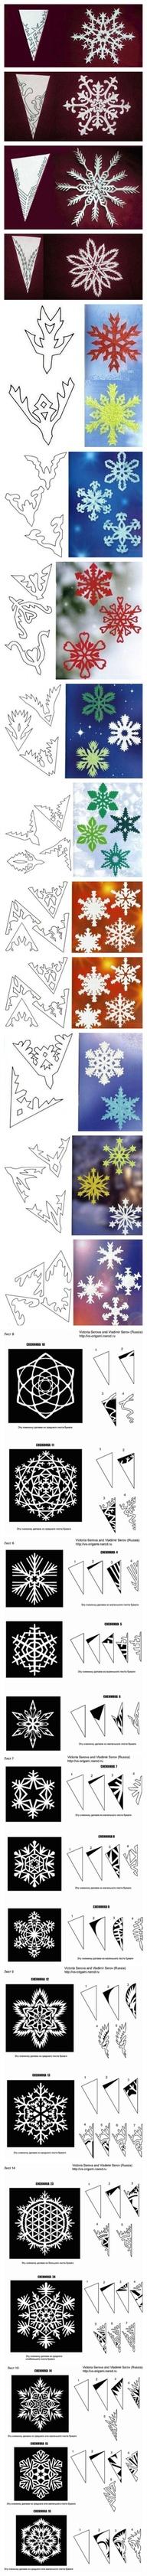 snowflakes!!